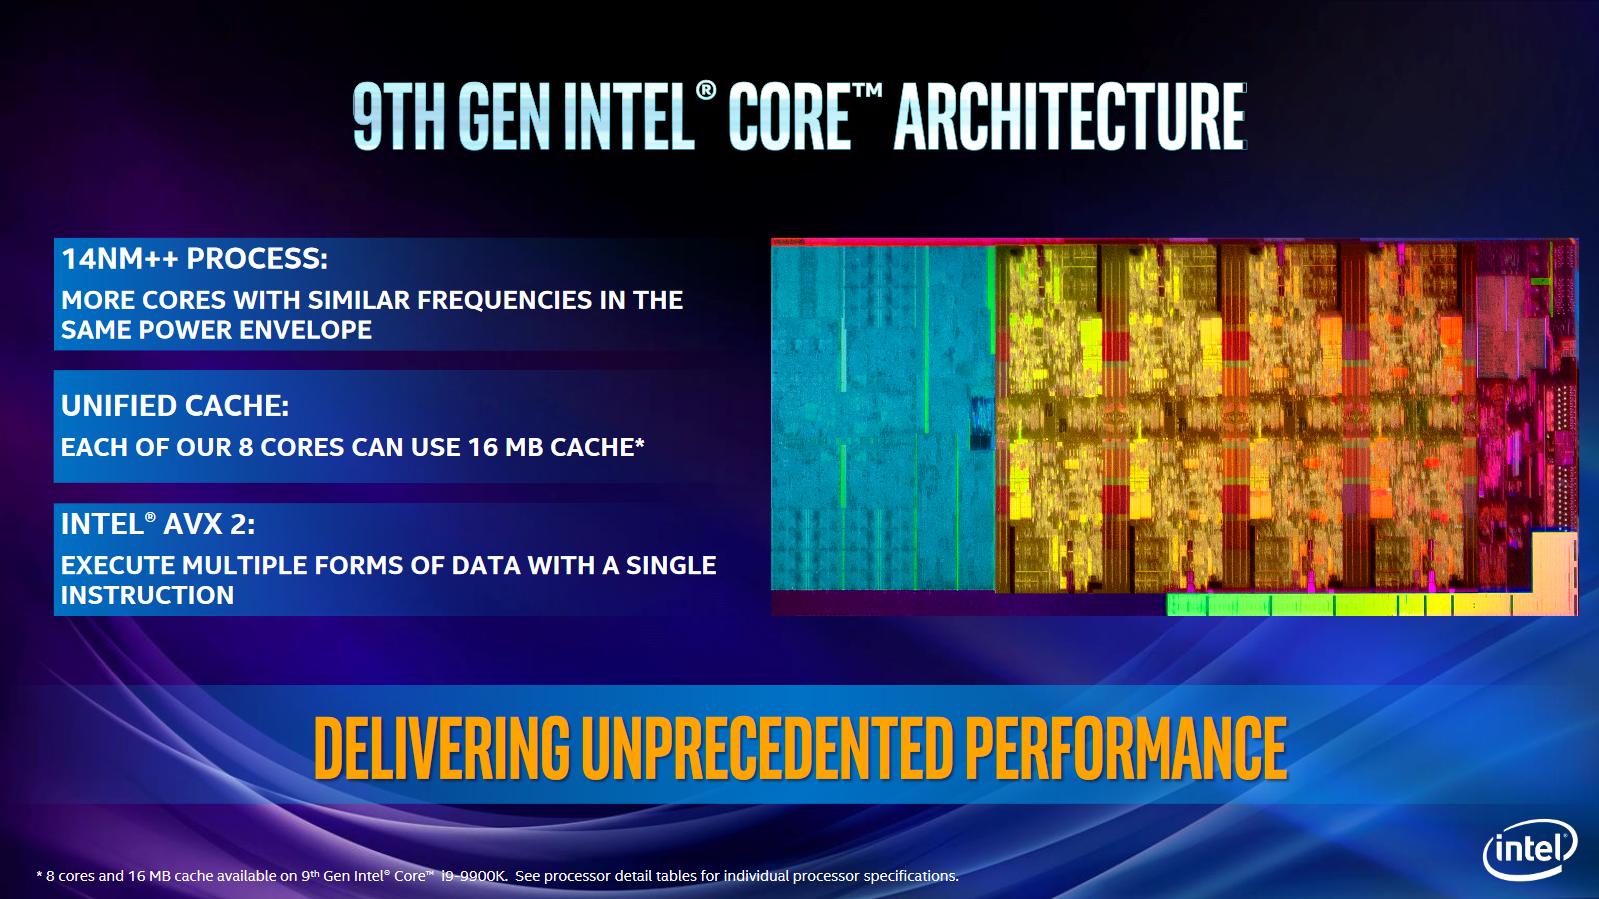 Core i9-9900K im Test: Acht verlötete 5-GHz-Kerne sind extrem - Der 9900K wird im 14++ nm genannten Verfahren hergestellt. (Bild: Intel)